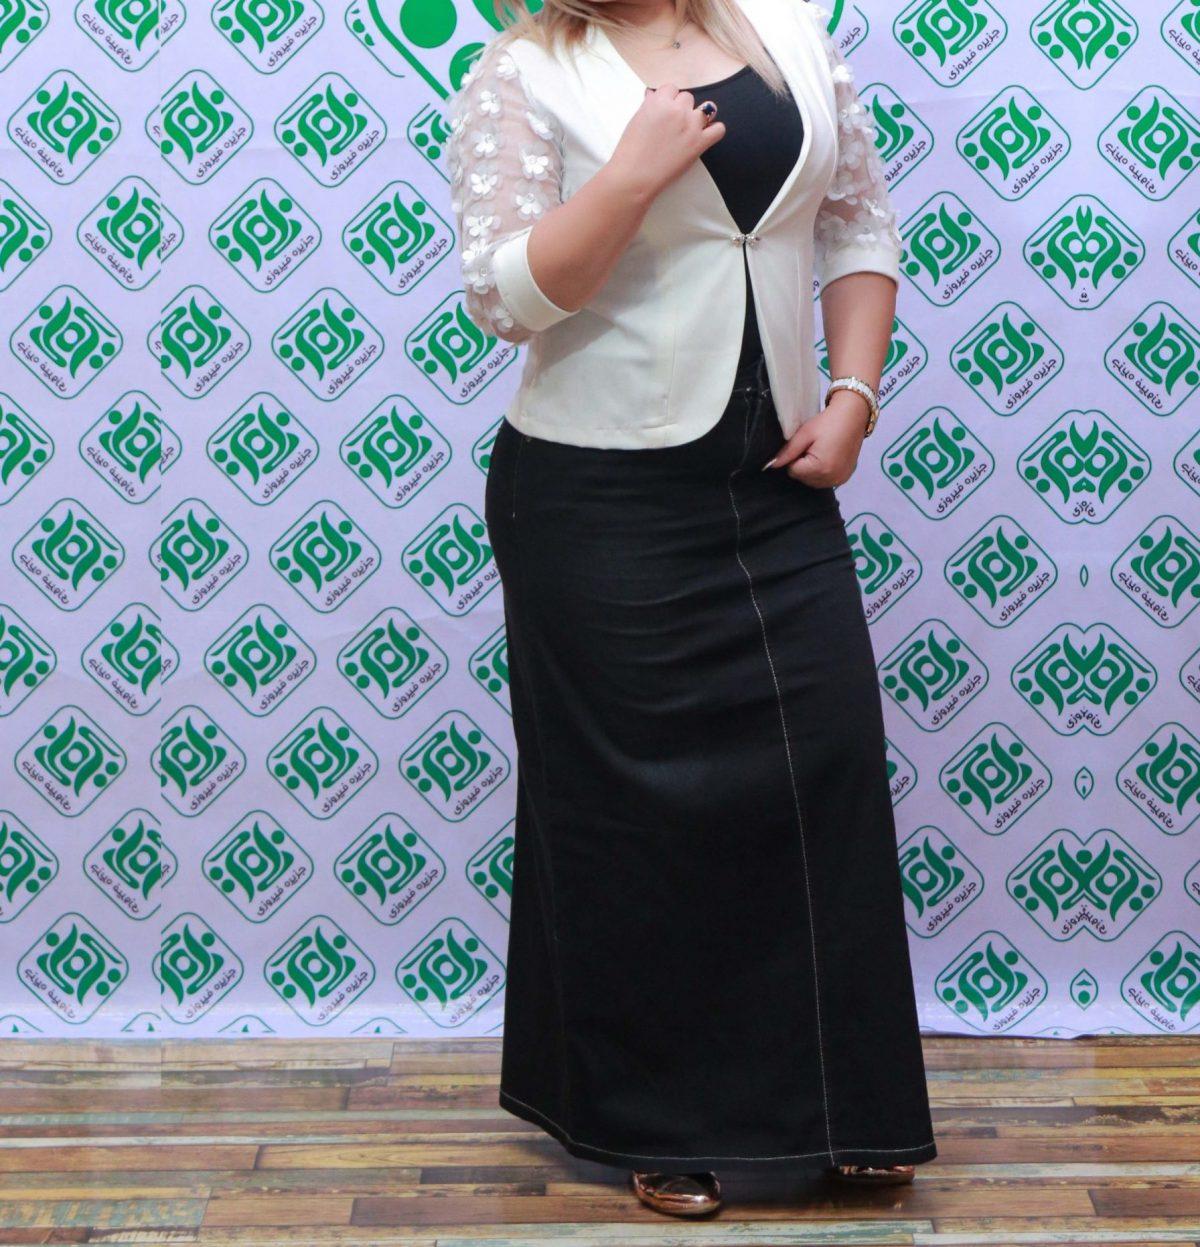 دامن زنانه ترک جین مشکی کد1139